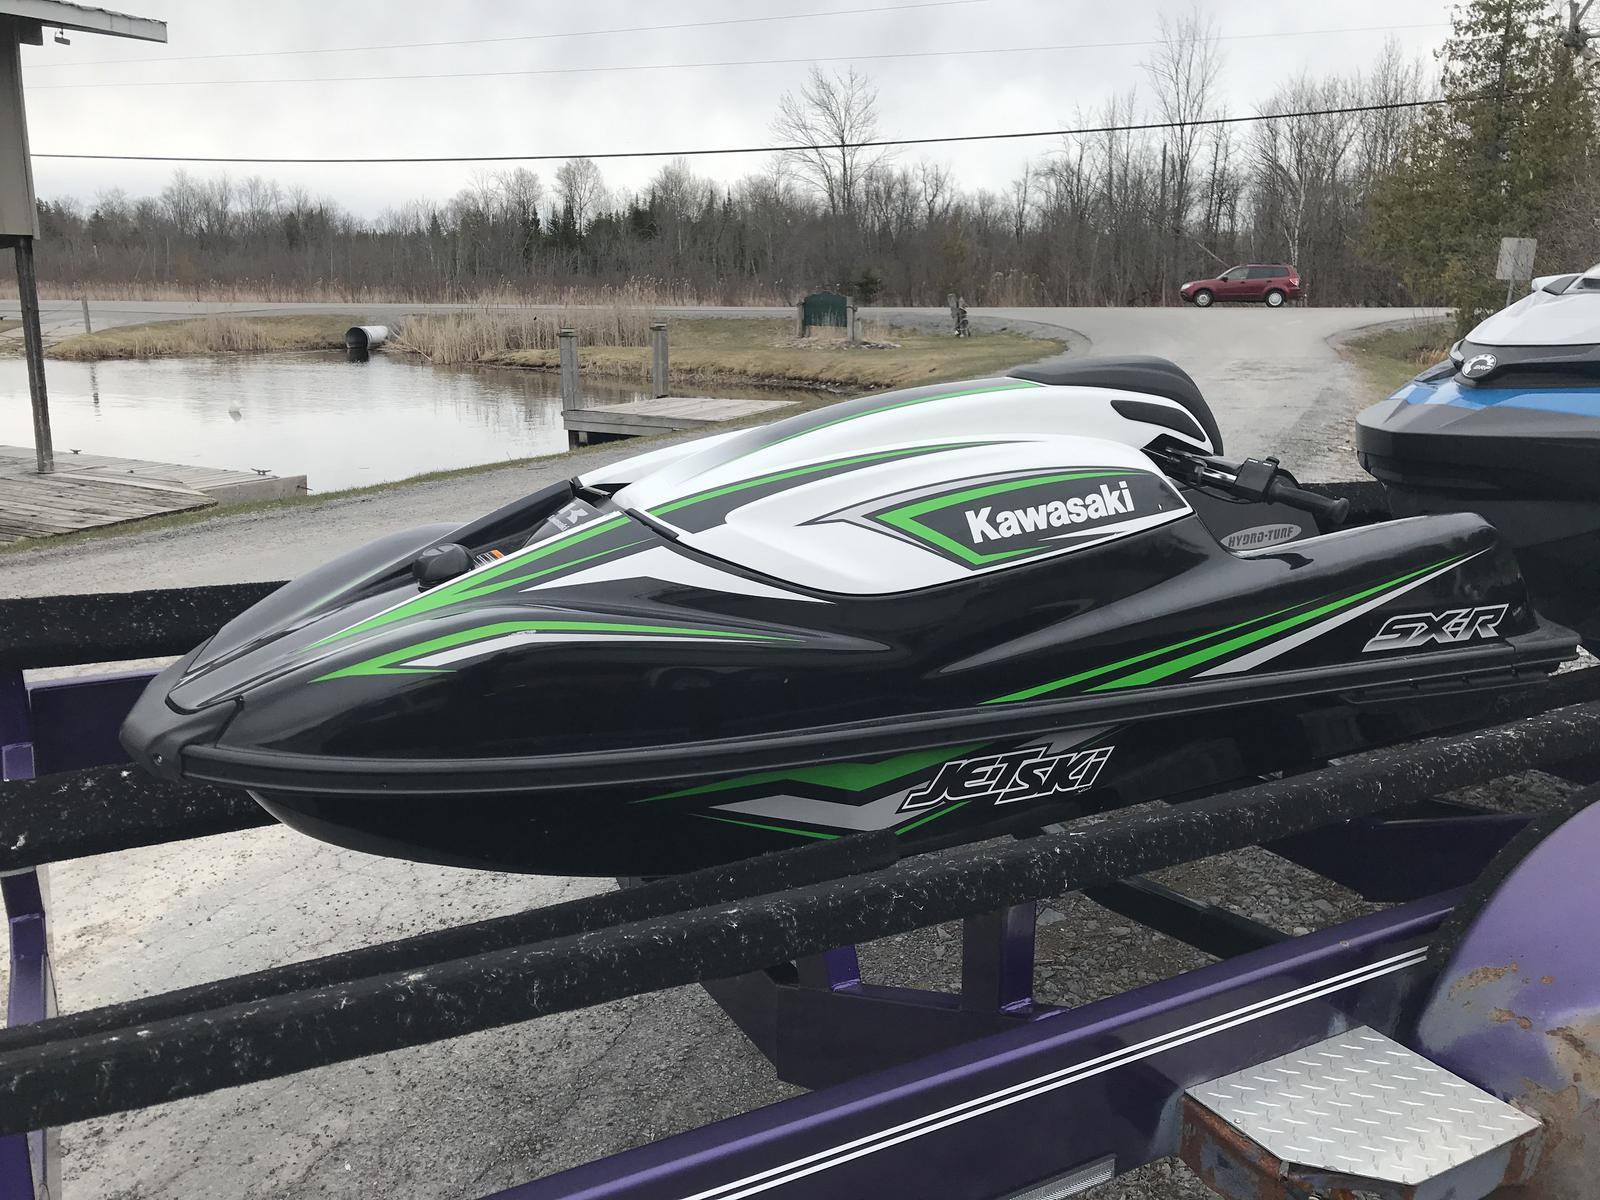 2017 Kawasaki Sx R Jet Ski For Sale In Bobcaygeon On Birch Point Marina Bobcaygeon On 705 738 2473